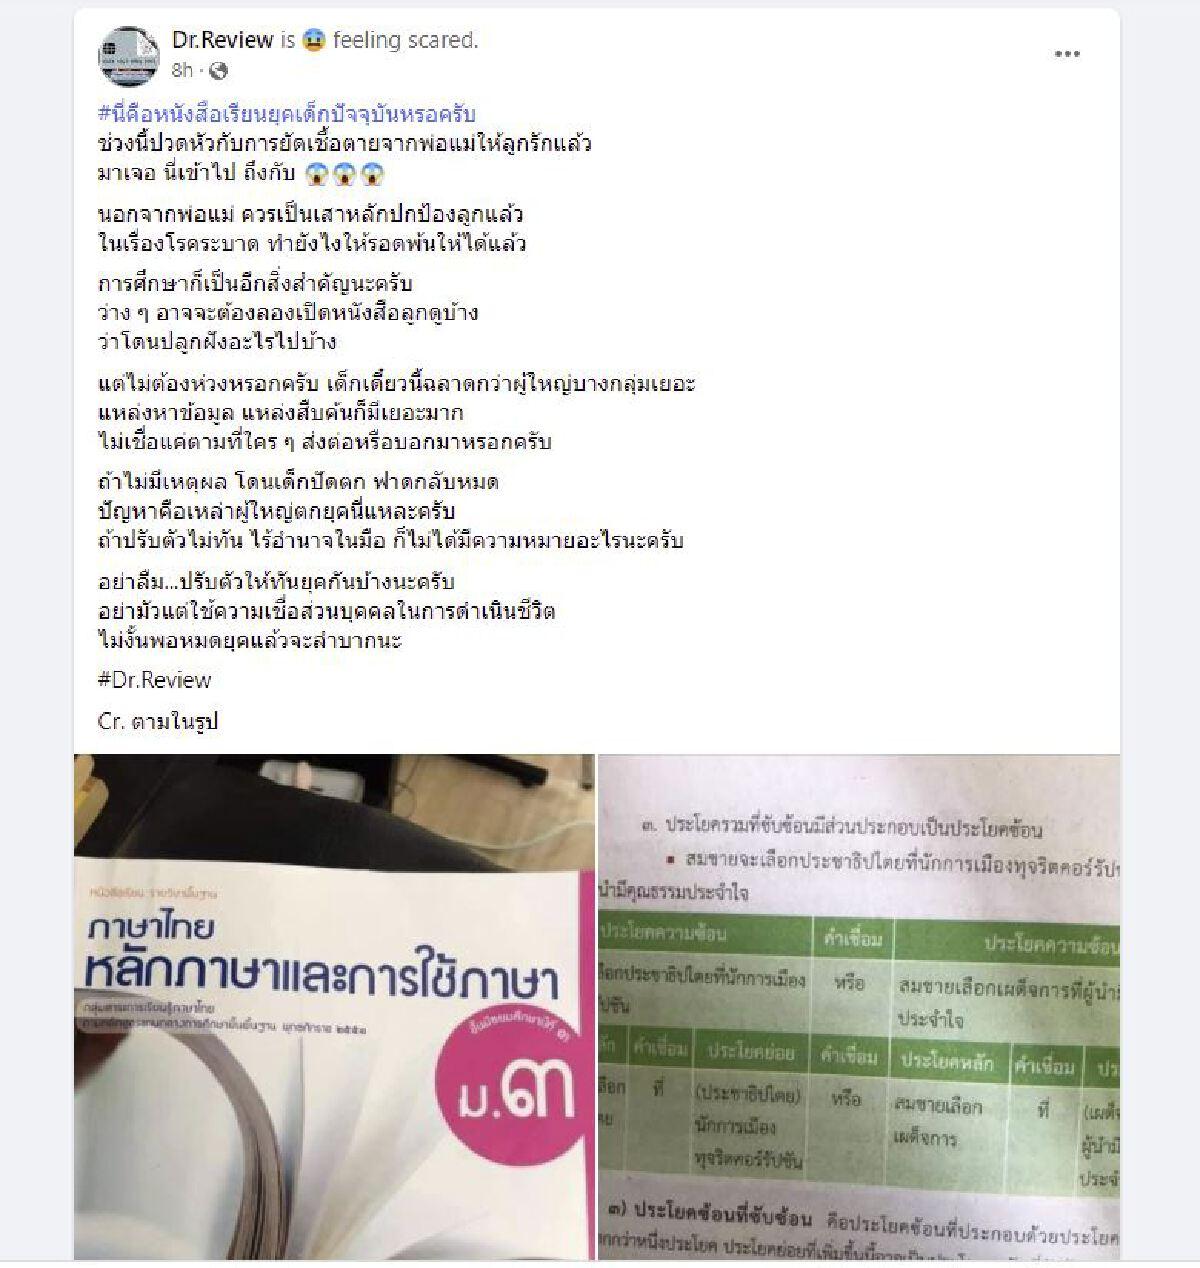 เพจดังโชว์ หนังสือเรียนภาษาไทย ม.3 แอบแฝงชี้นำด้านการเมือง ชาวเน็ตวิจารณ์สนั่น